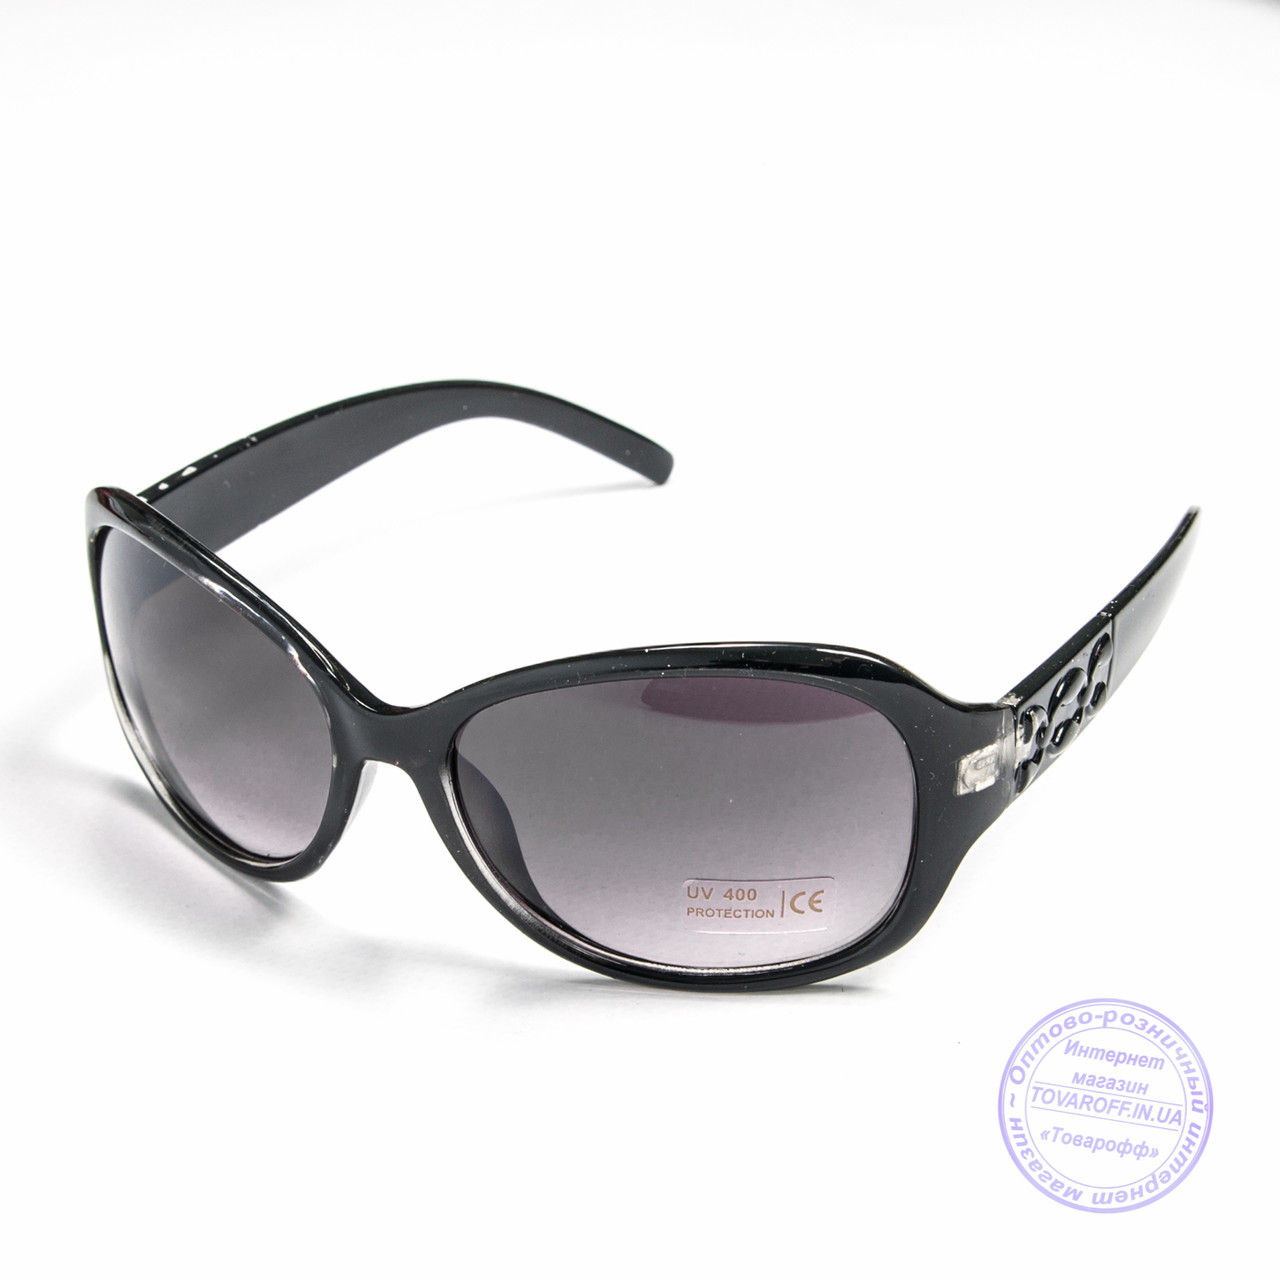 Уцененные женские очки оптом - Черные - B912